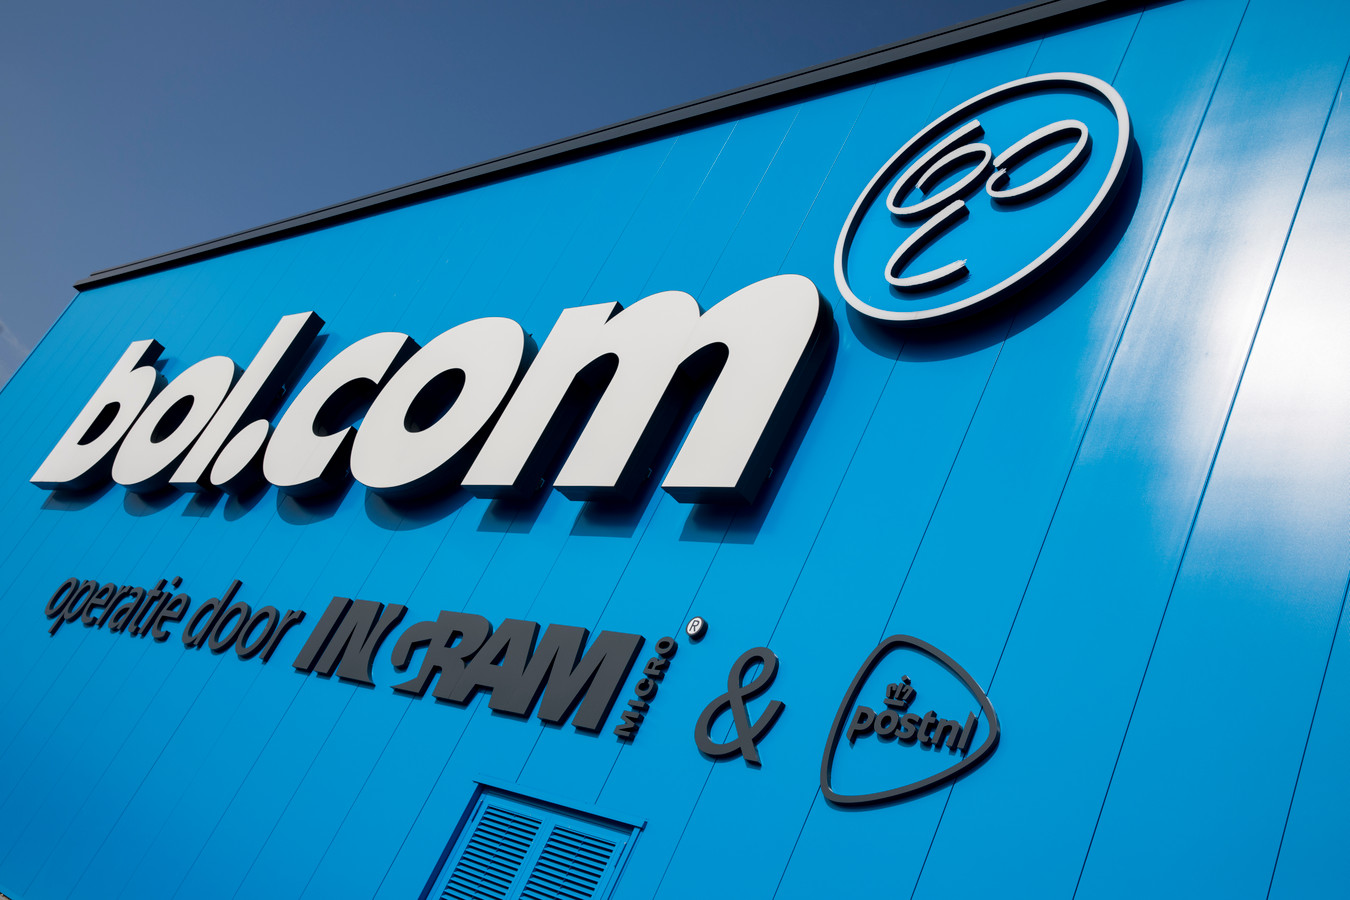 Door bedrijven als bol.com kampt Waalwijk met een tekort aan bedden voor arbeidsmigranten.